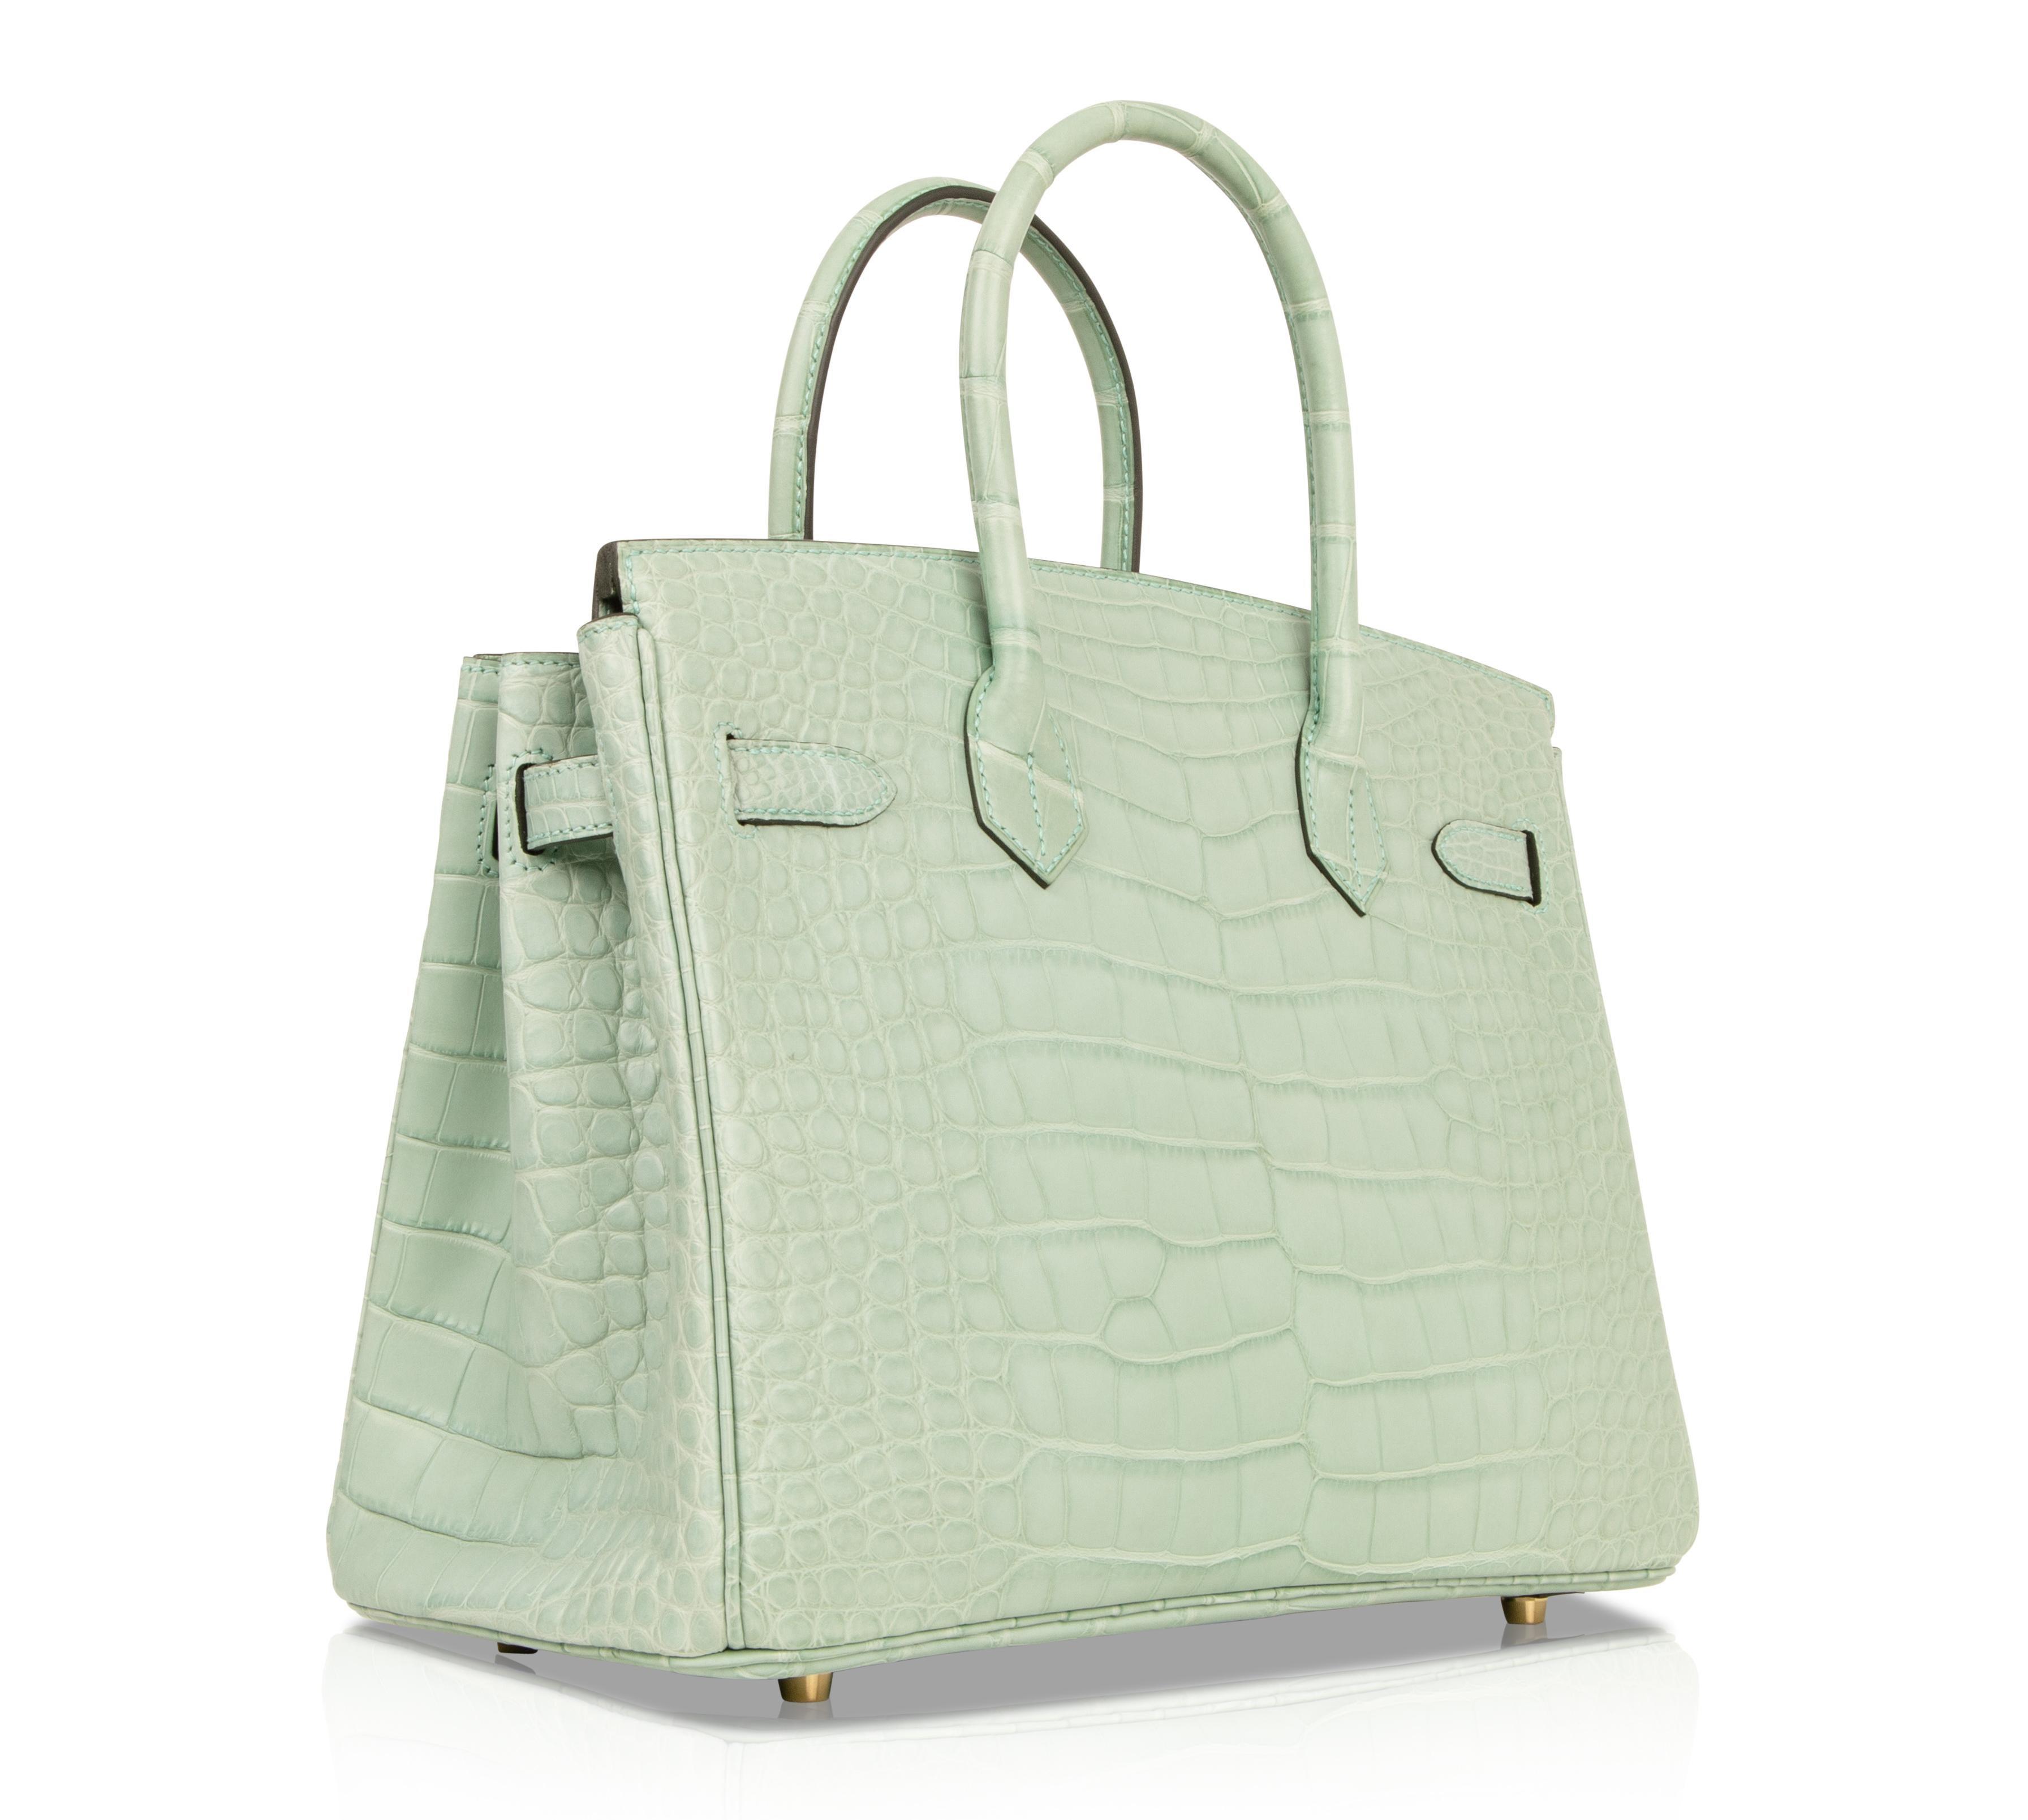 6956f387ef22 Hermes Birkin 30 Bag Vert D eau Matte Alligator Gold Hardware For Sale at  1stdibs